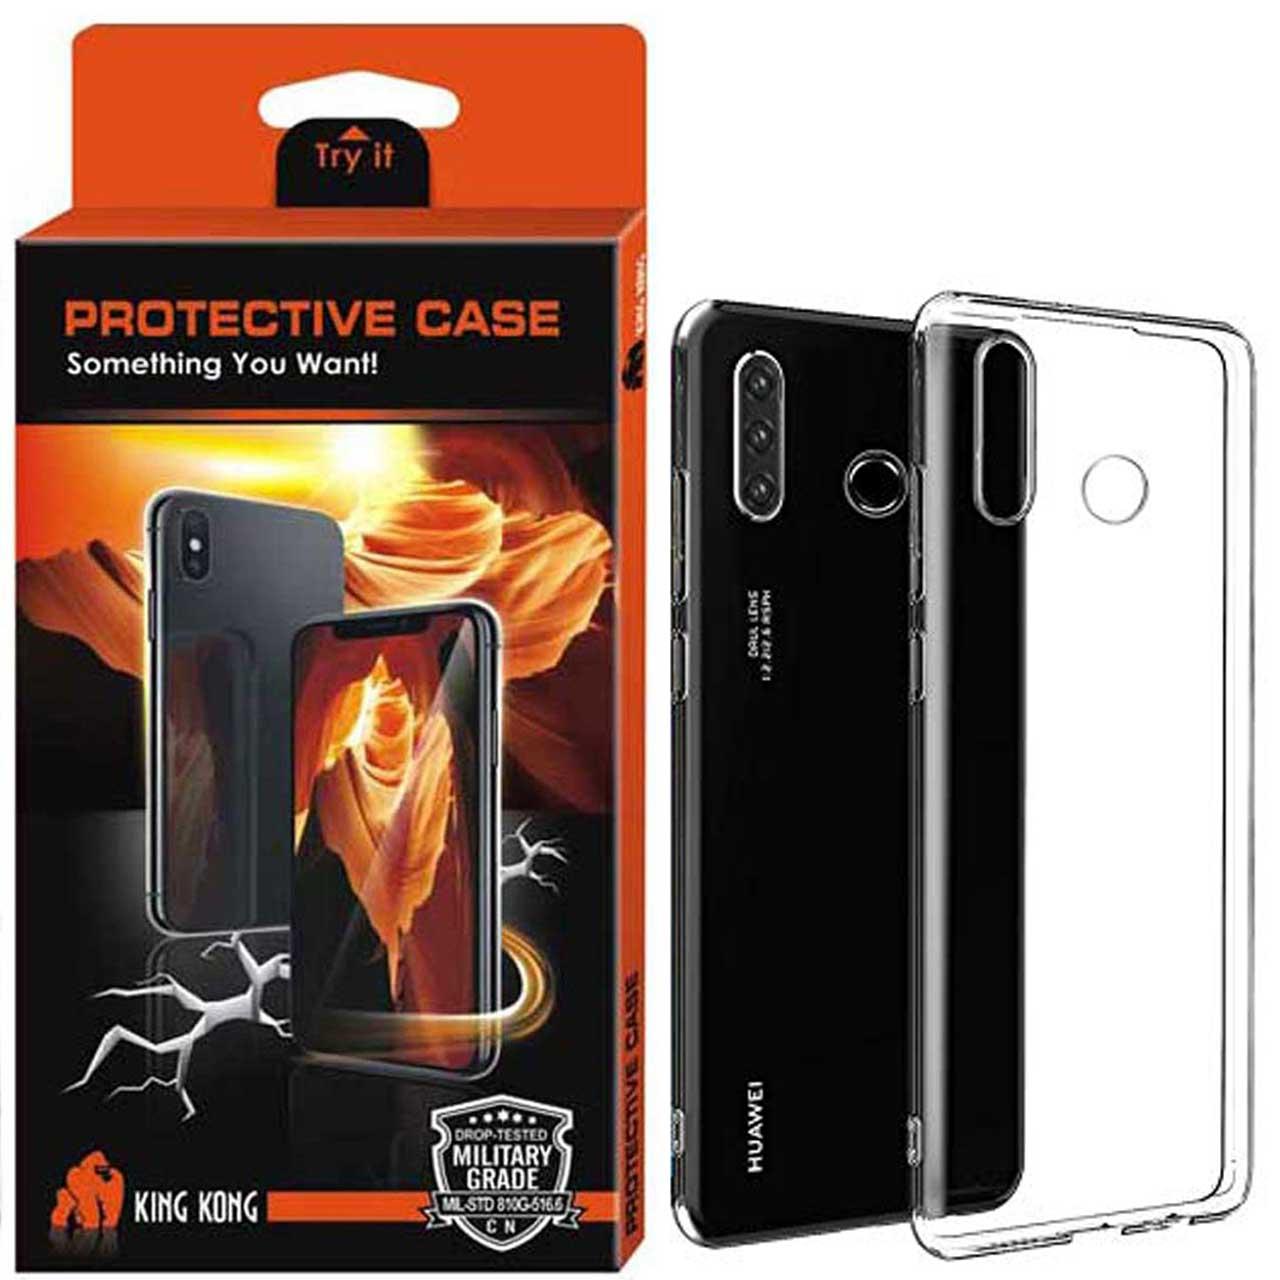 کاور کینگ کونگ مدل TP00 مناسب برای گوشی موبایل هوآوی P30 Lite